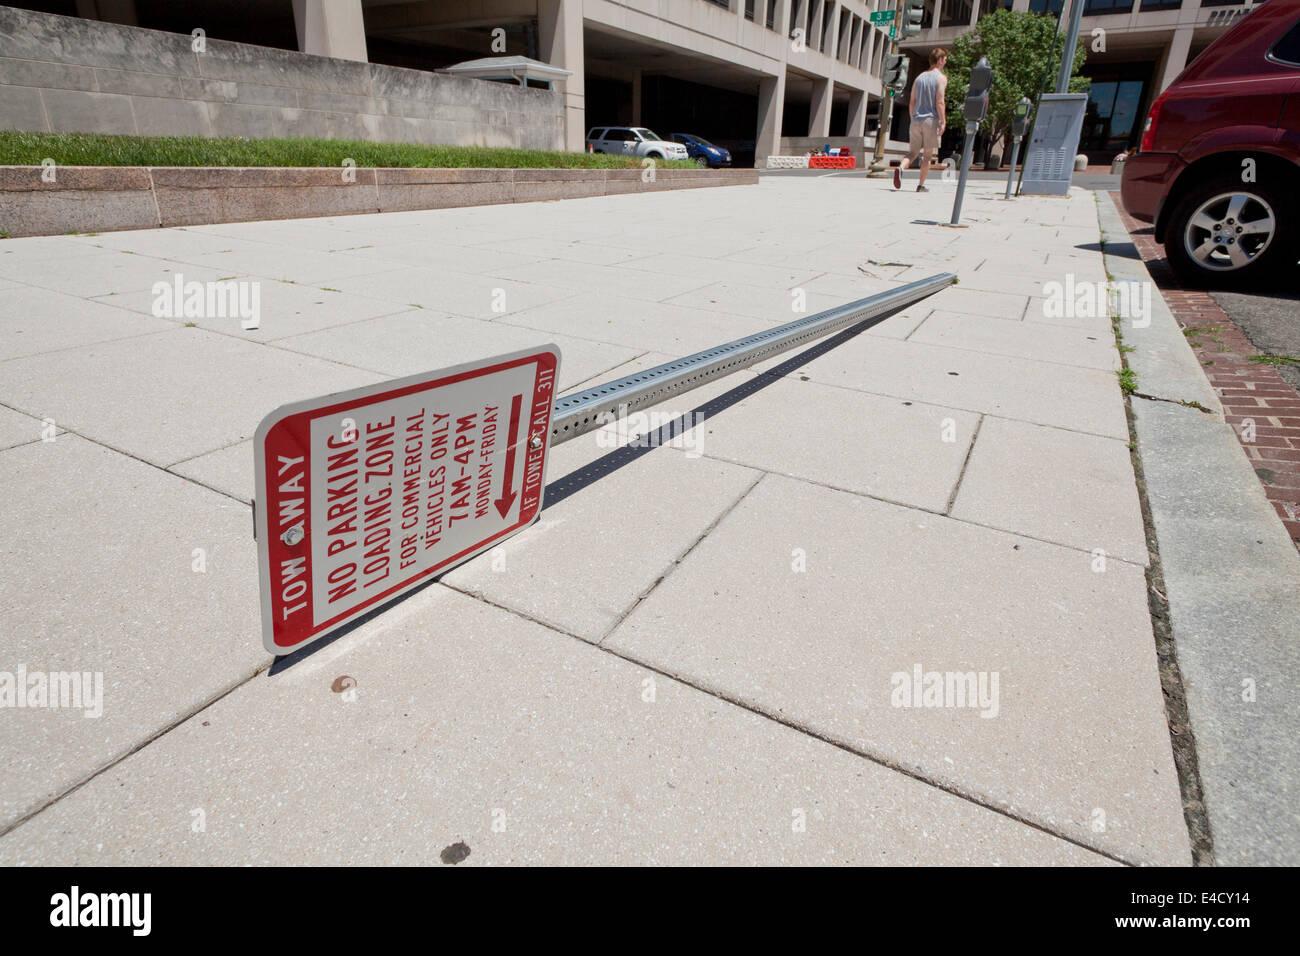 Fallen tow away sign - USA - Stock Image